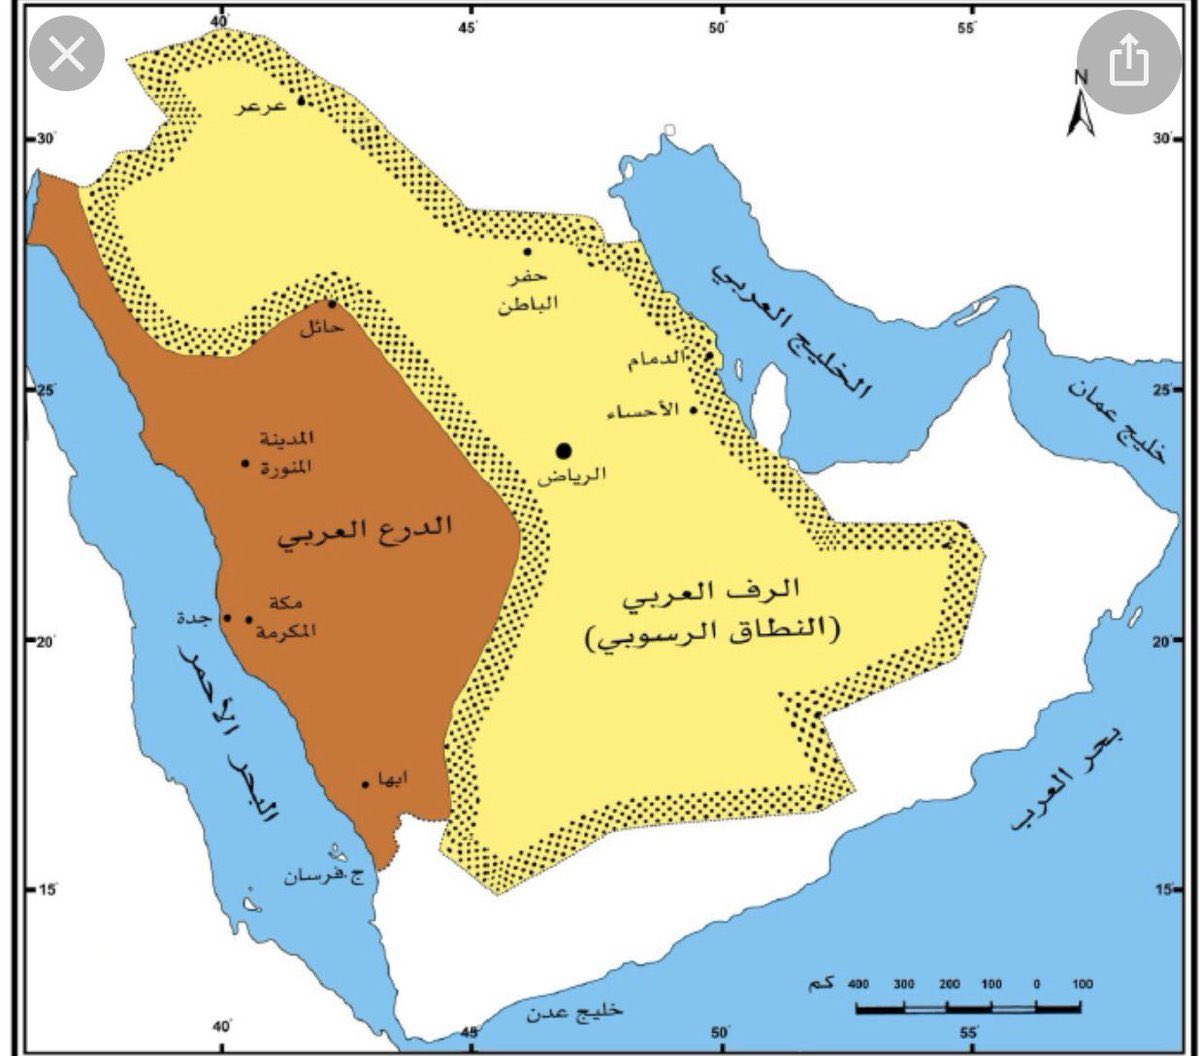 جيولوجيا المملكة 1 ان المملكة العربية السعودية تنقسم الى جزئين جيولوجيين هما ما يعرف باسم الدرع العربي والأخرى هي الرف العربي Twitter Thread From Eng Mushref Alshehri Moshref8949 Rattibha